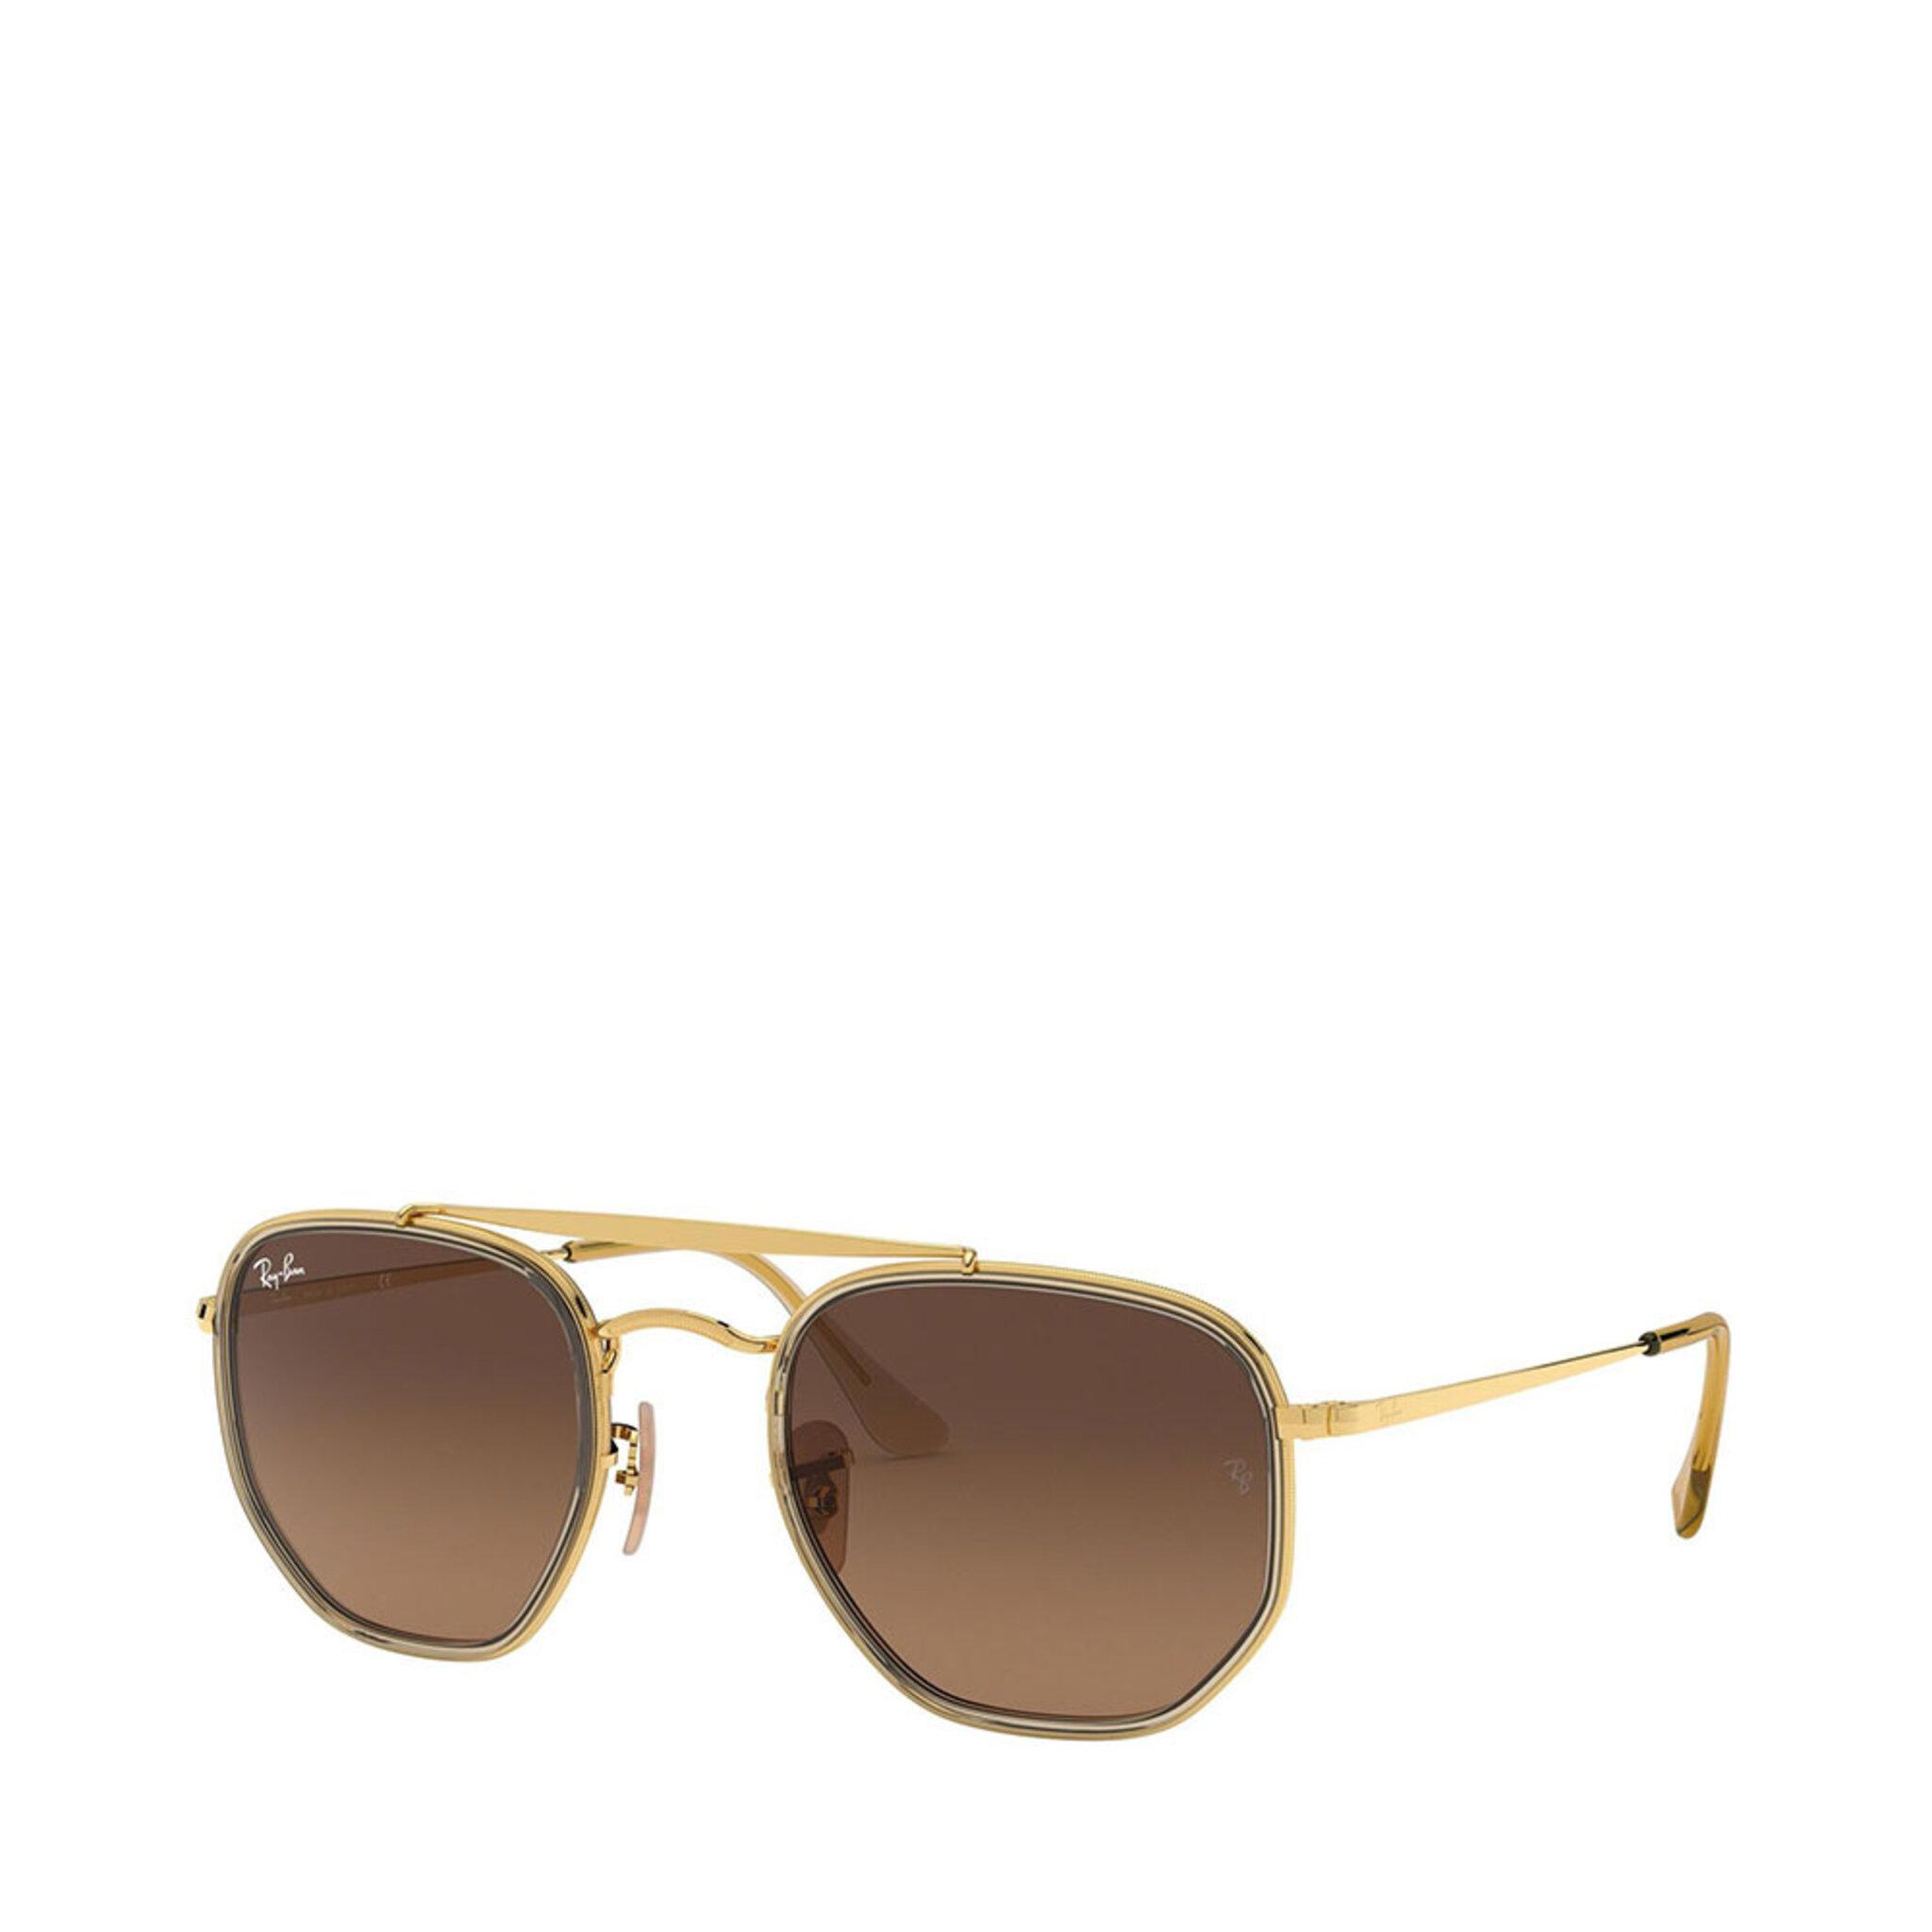 Sunglasses THE MARSHAL II